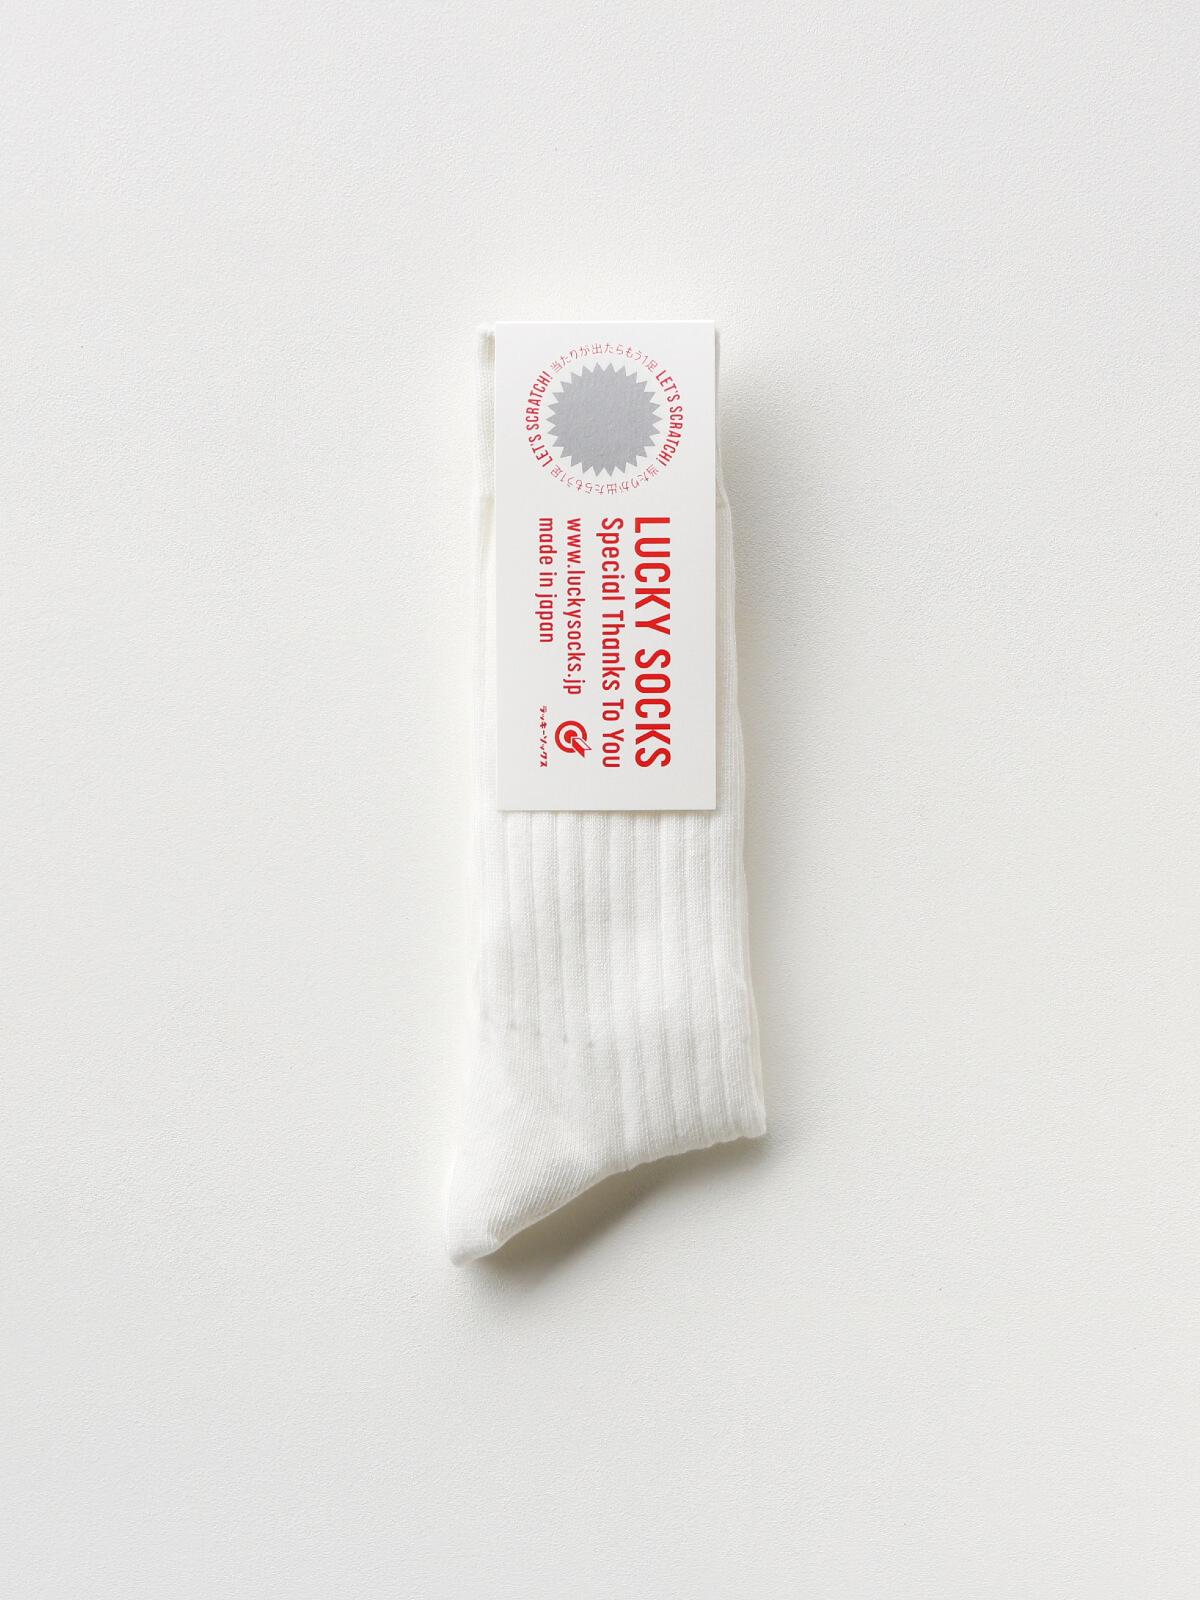 当たりつきギフト専用靴下のLUCKY SOCKS(ラッキーソックス)のLight Rib Socks(ライトリブソックス)のオフホワイト_1